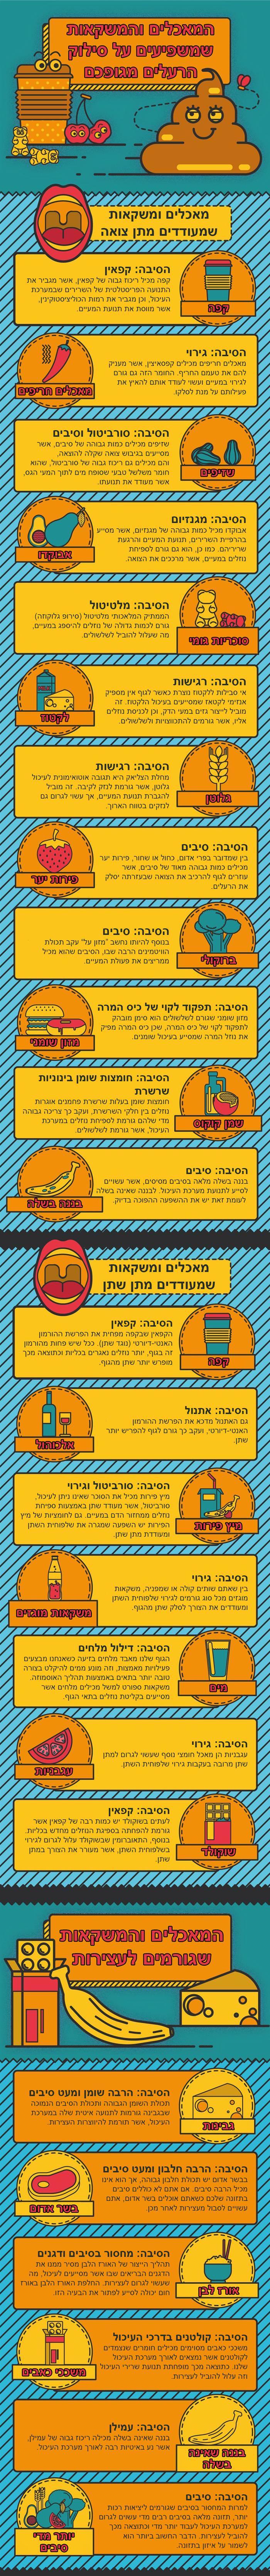 המאכלים והמשקאות המשפיעים על סילוק הרעלים מהגוף